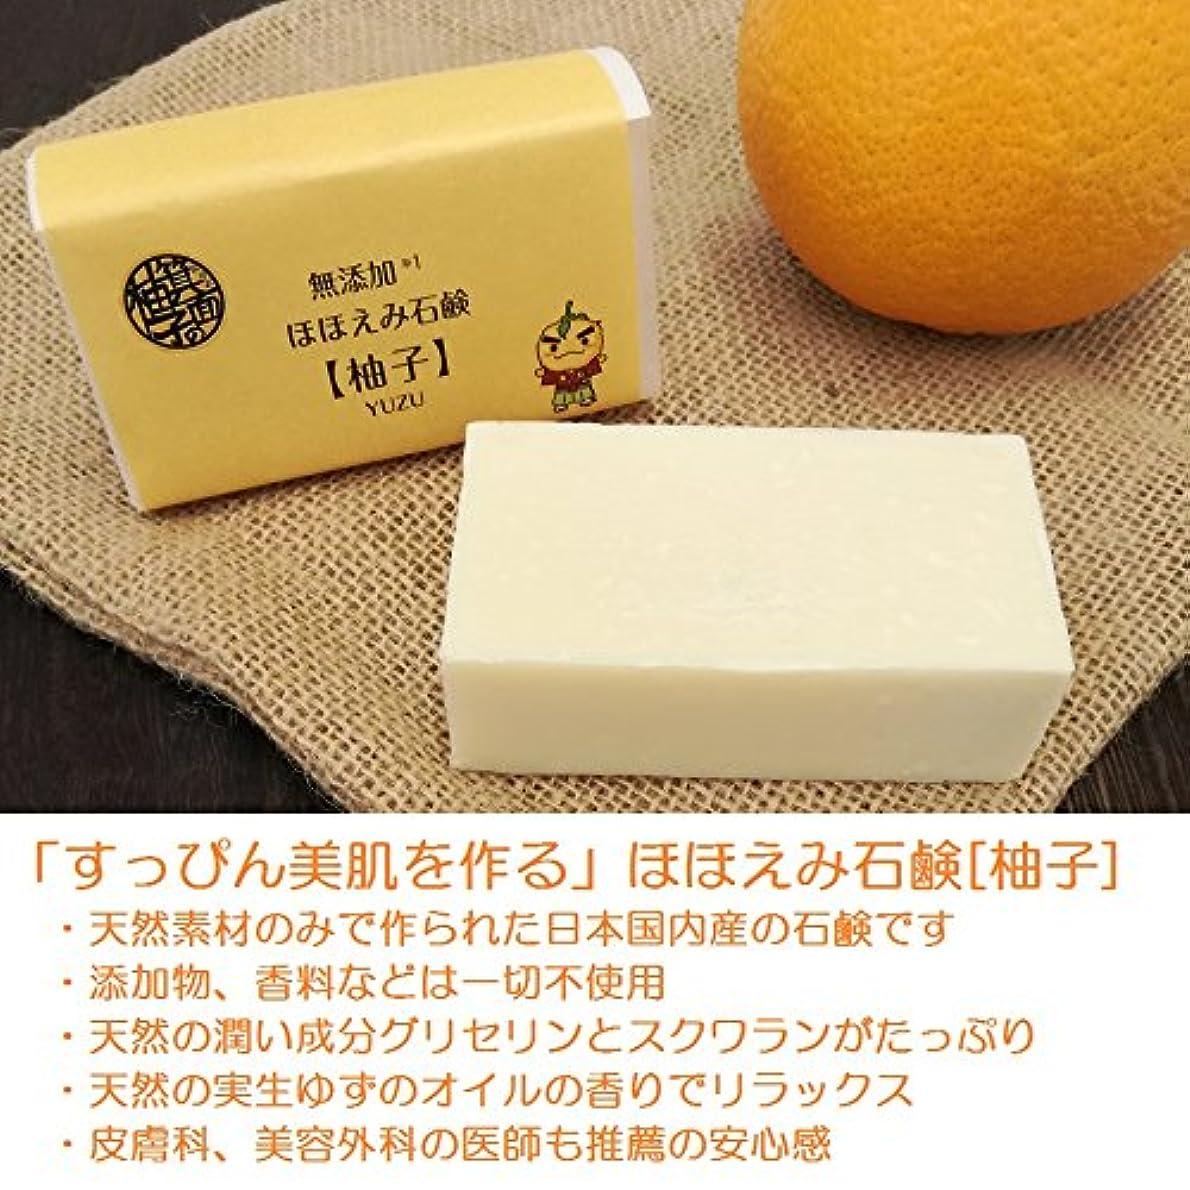 失礼拒絶出力すっぴん美肌を作る ほほえみ石鹸 柚子 オリーブオイル 無添加 オーガニック 日本製 80g